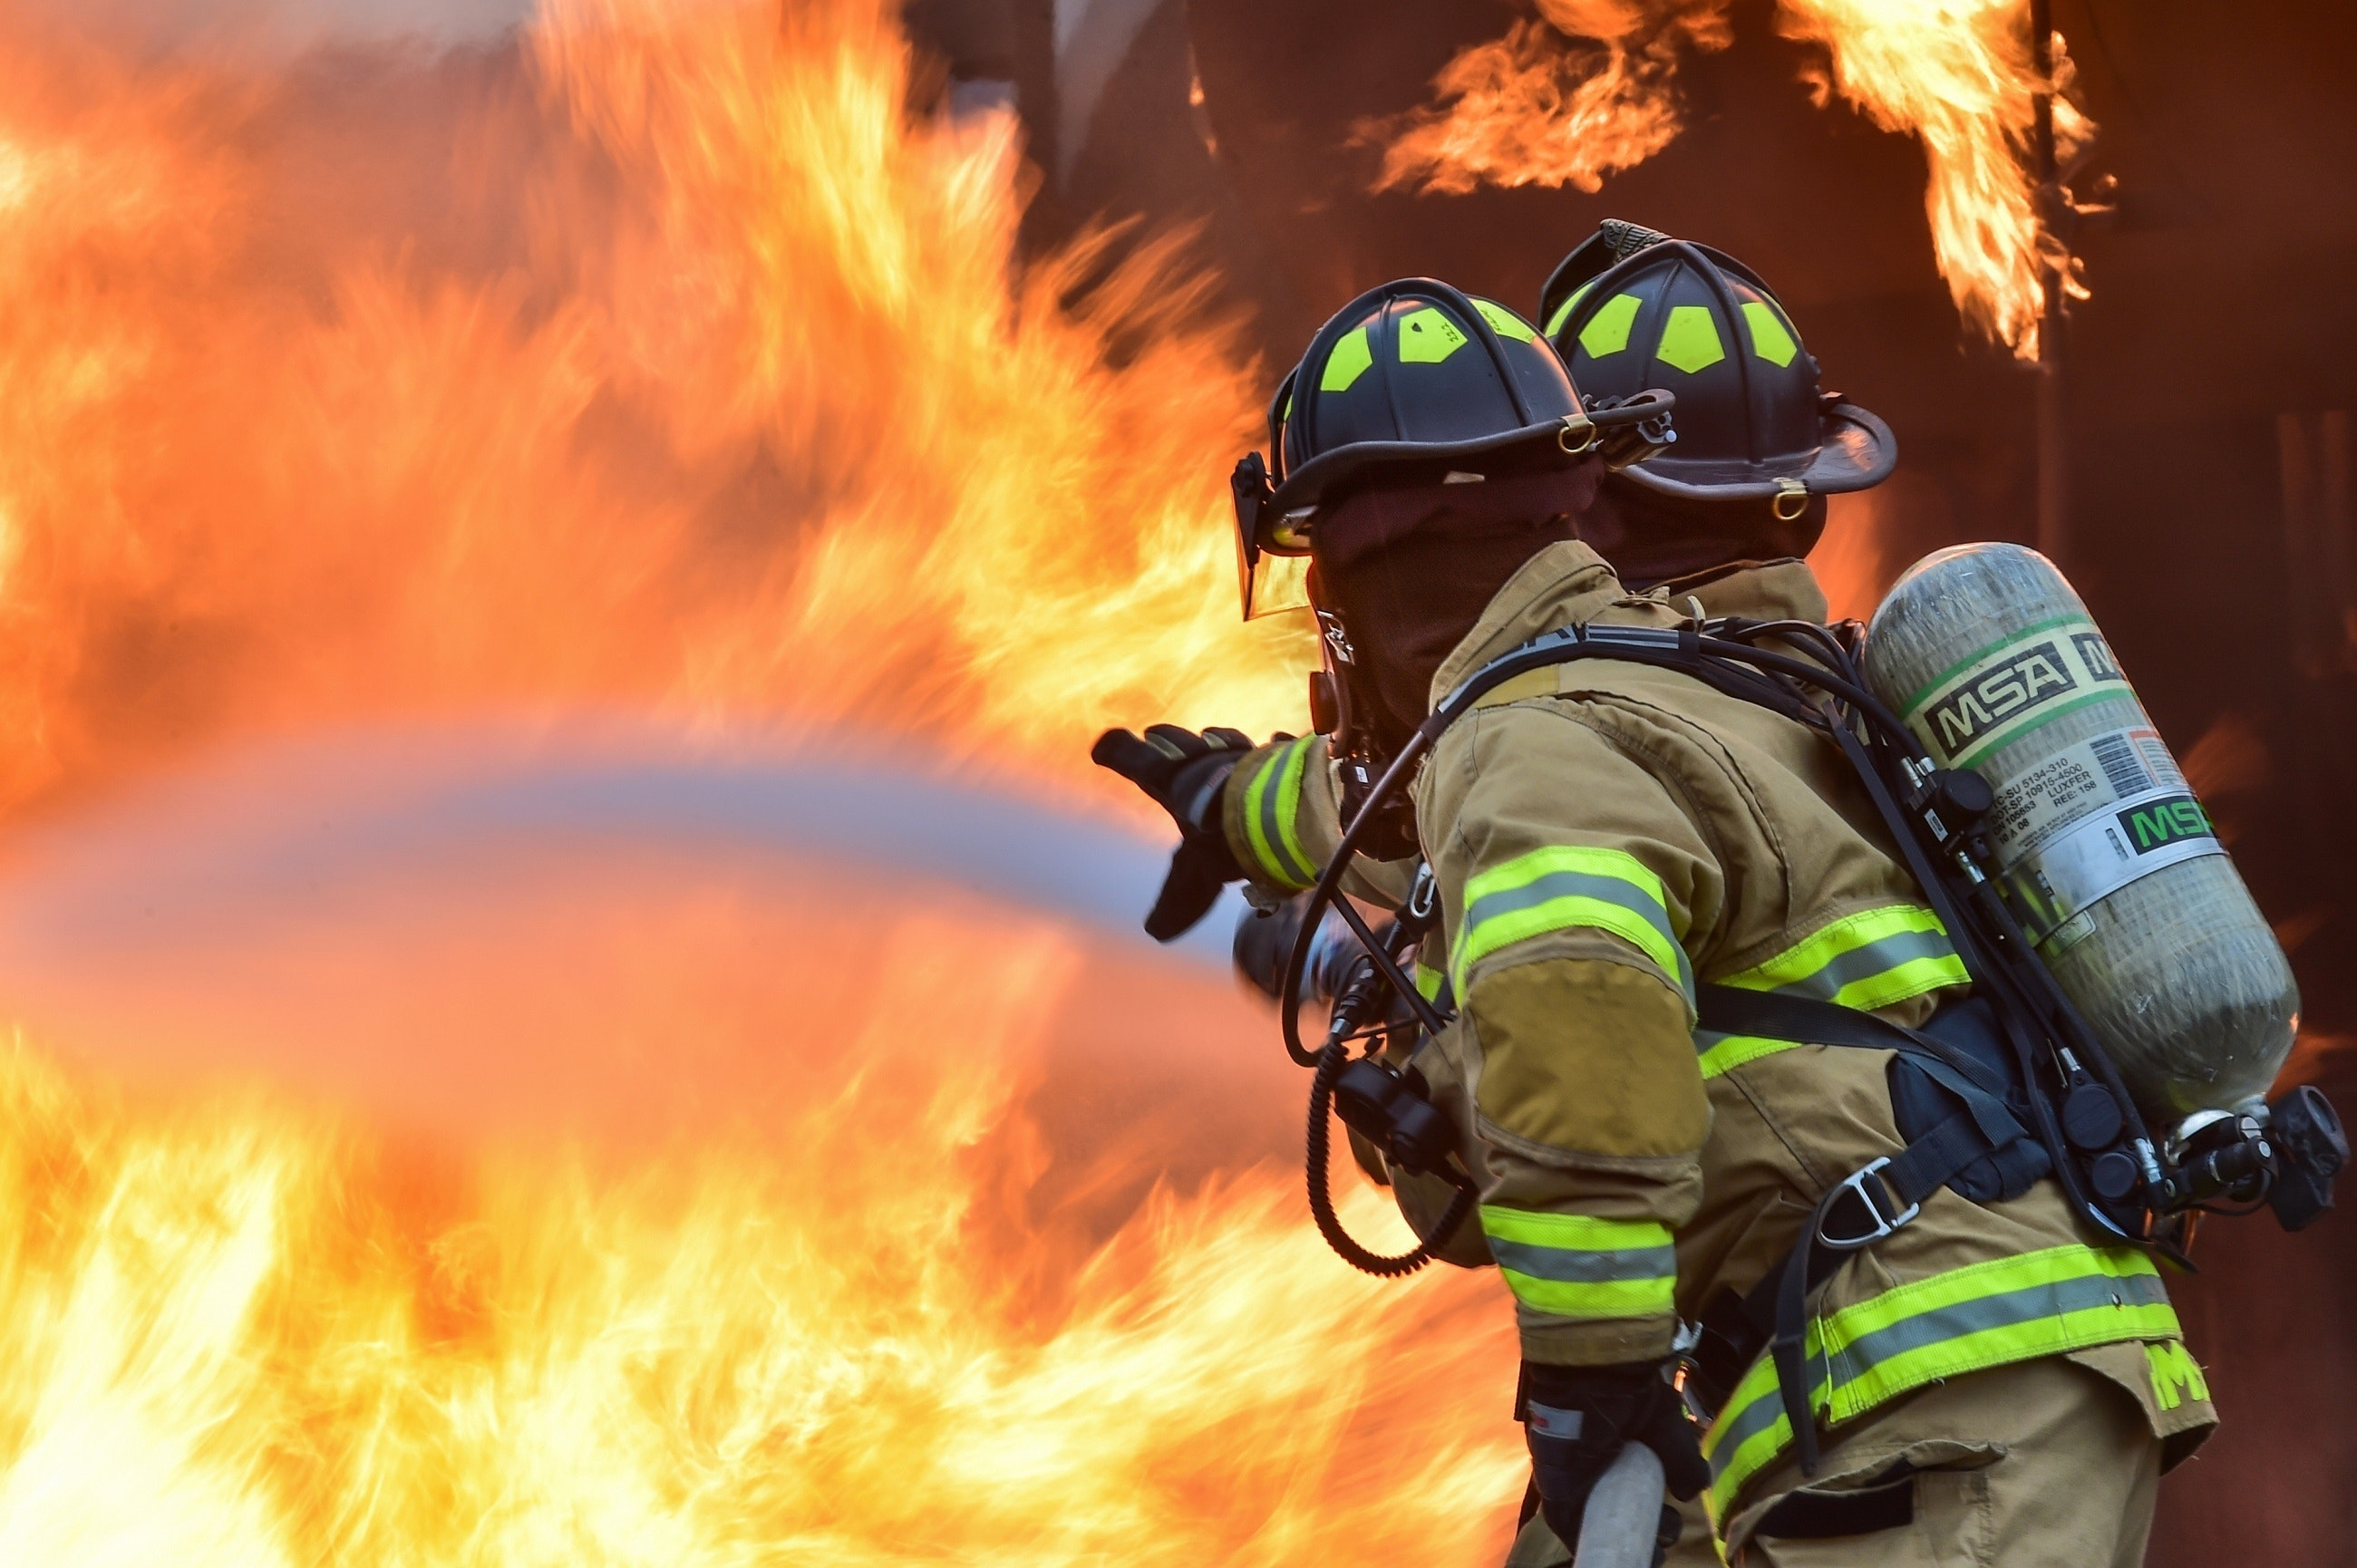 Aj požiare v Austrálii sprevádzajú dezinformácie